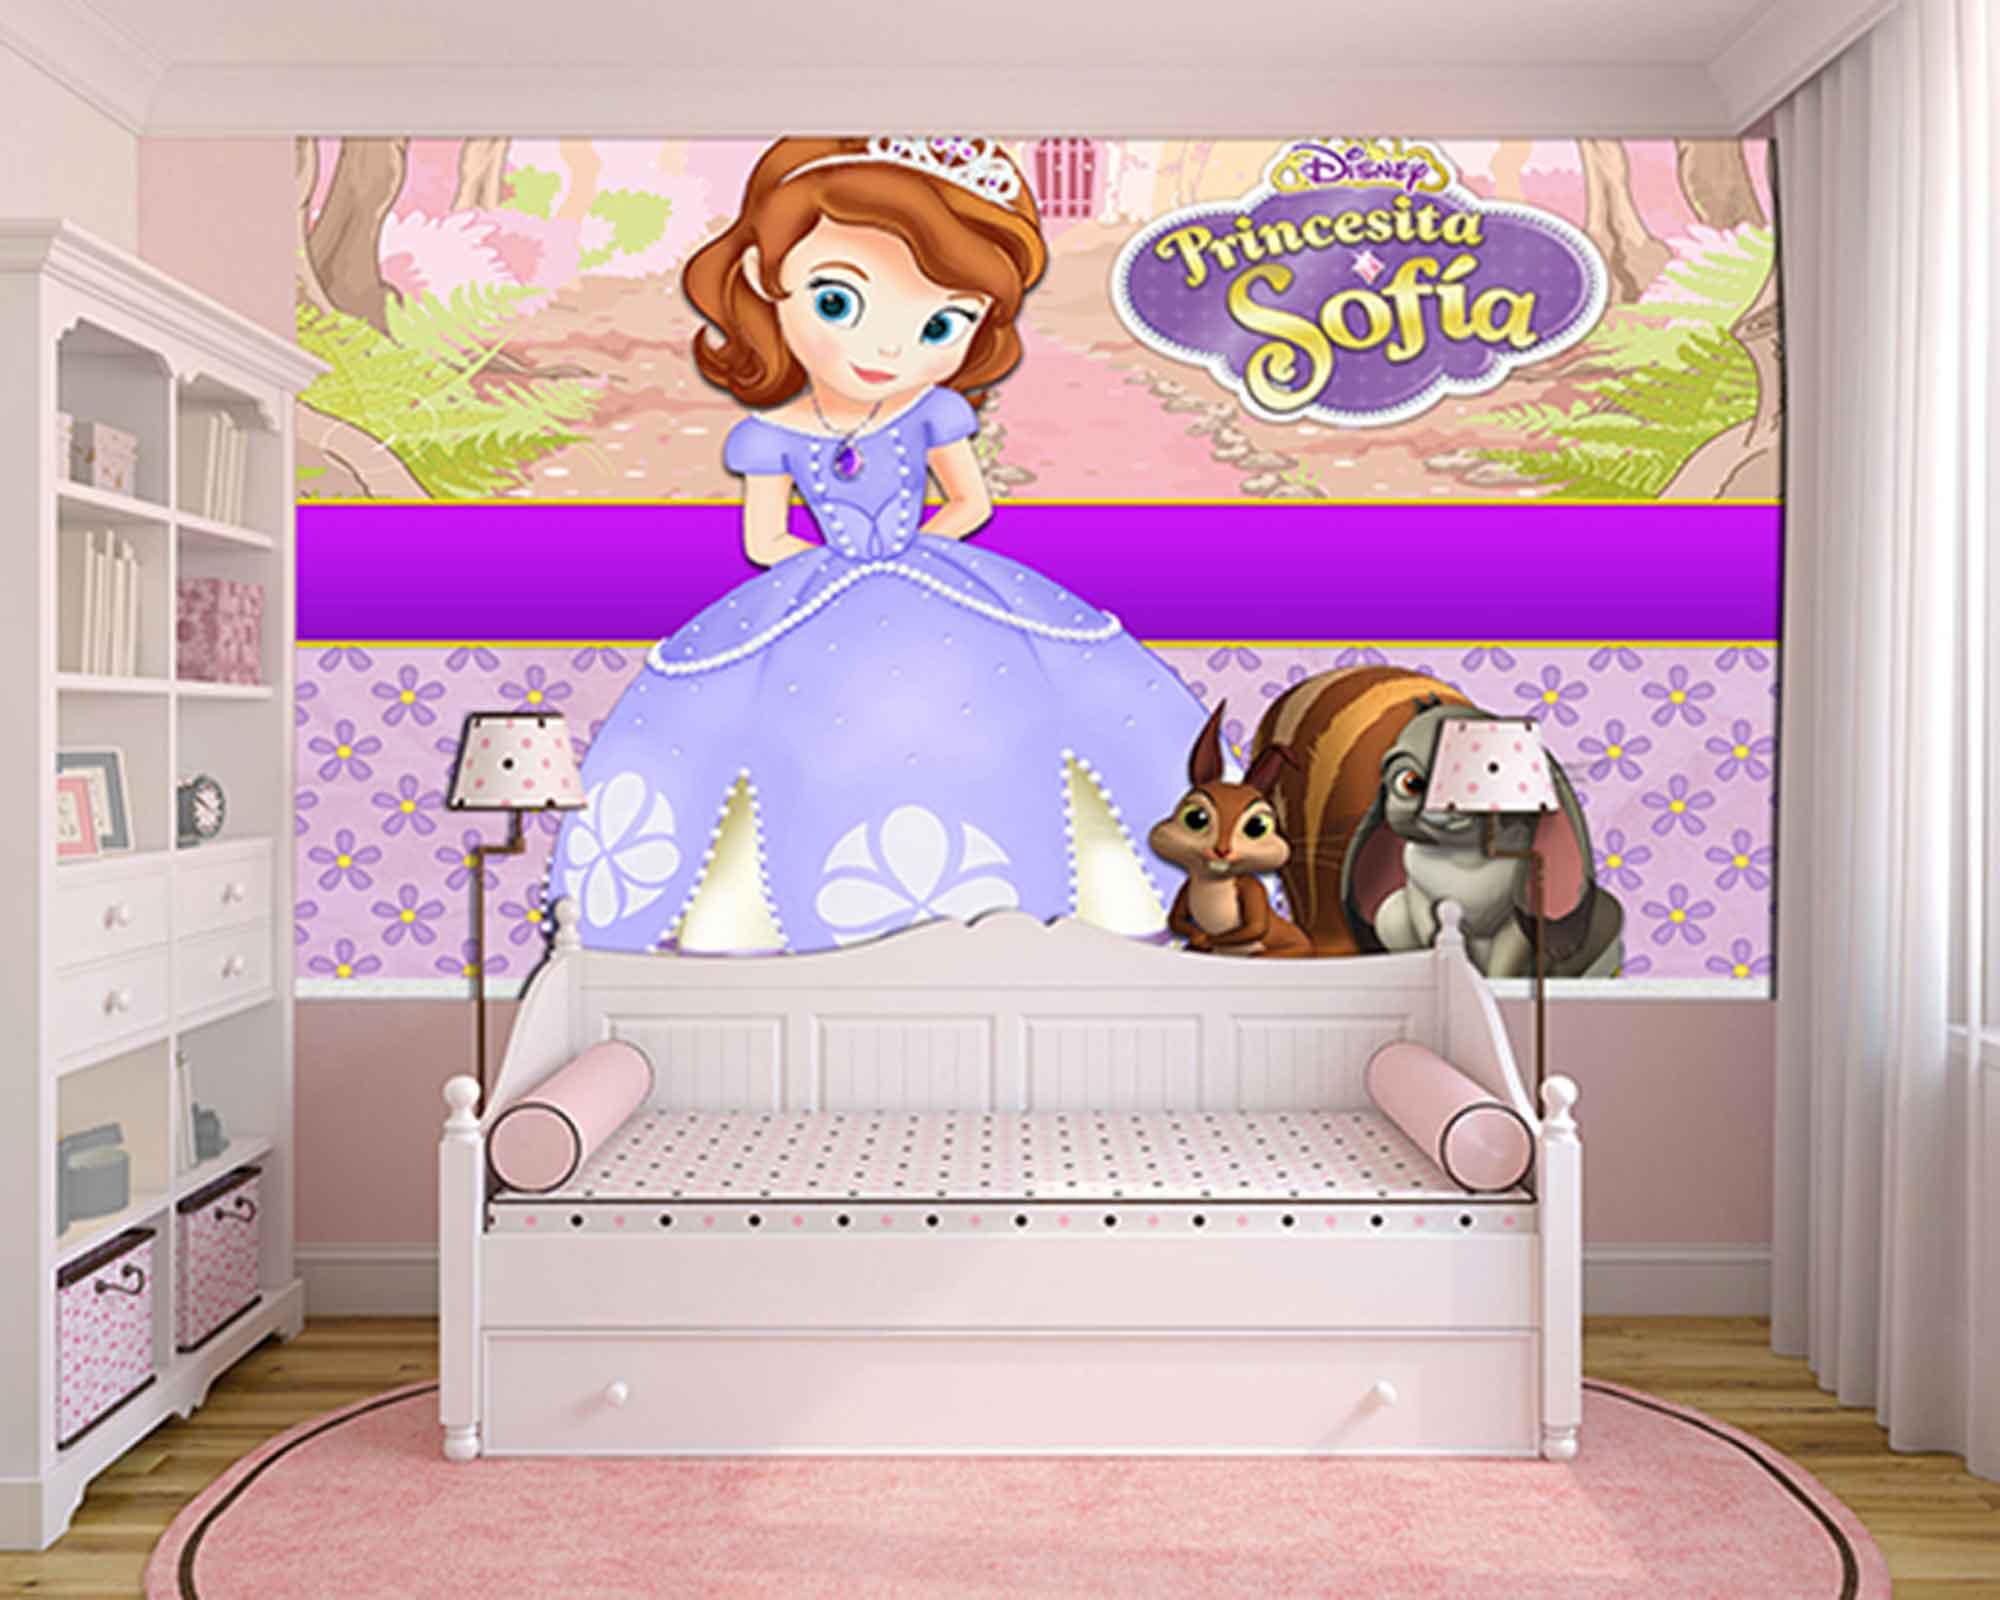 Papel de Parede Infantil Princesa Sofia  0015  - Paredes Decoradas